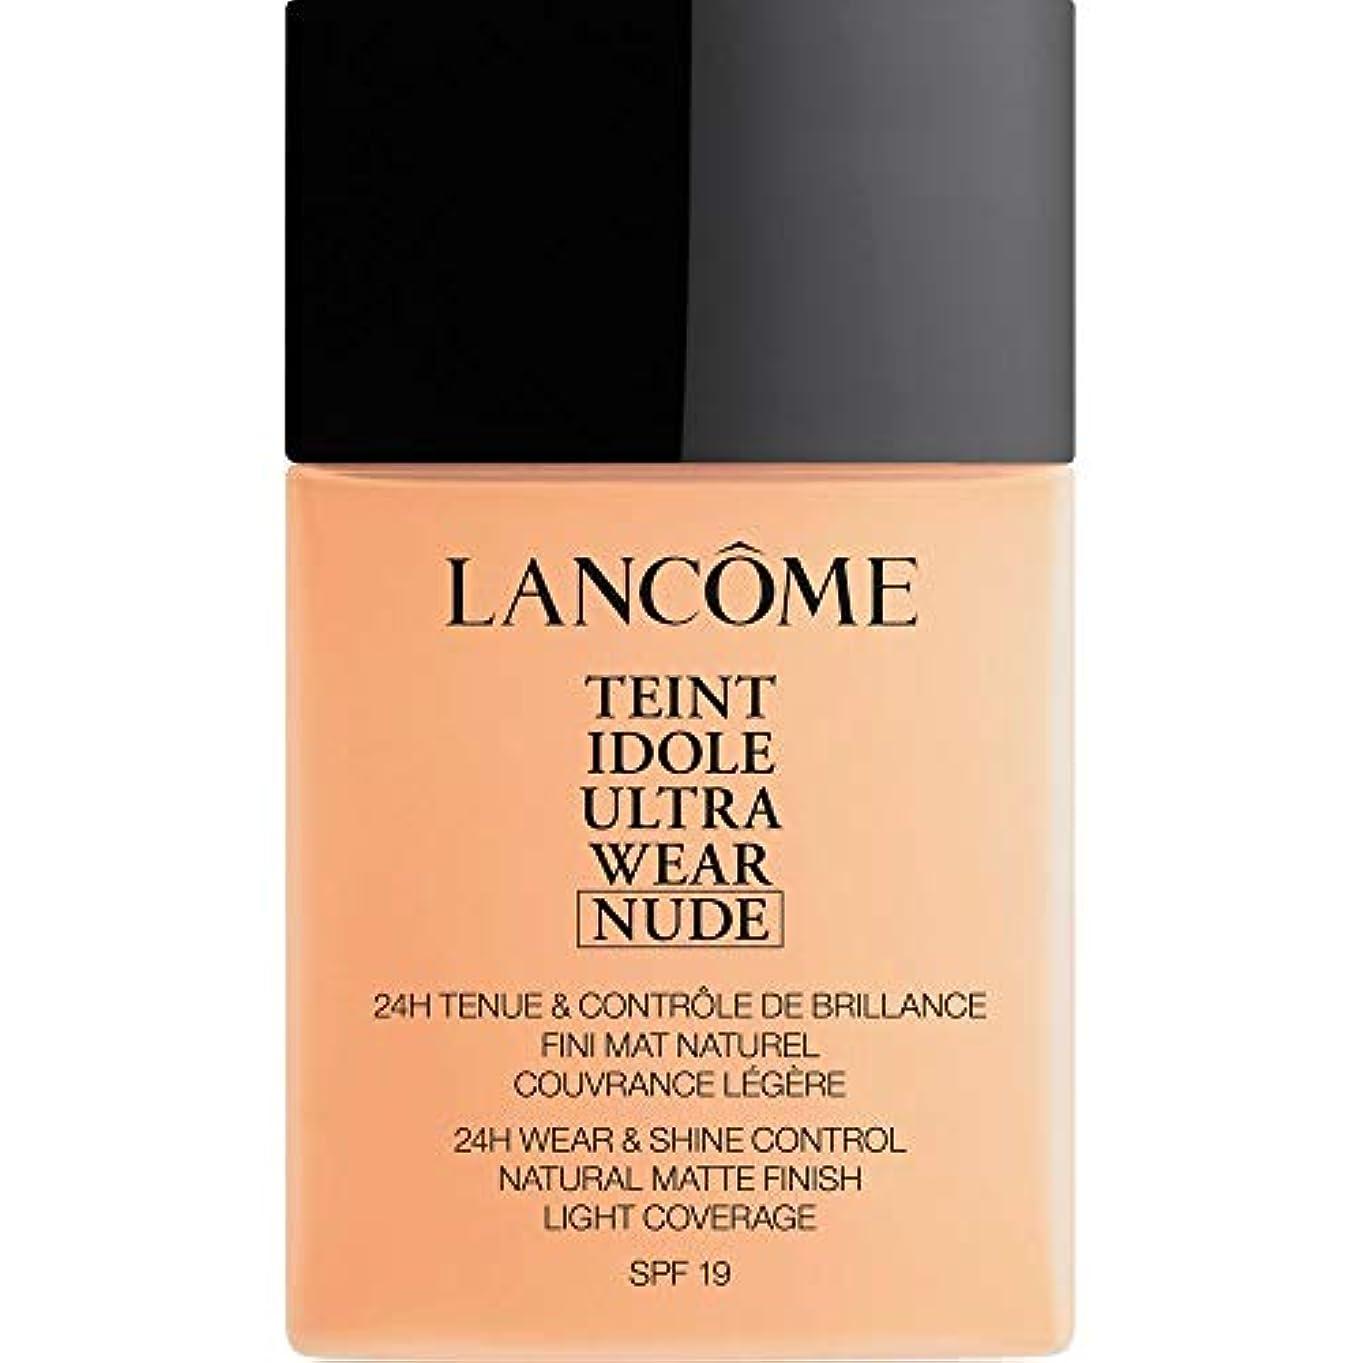 集計失速咽頭[Lanc?me ] ランコムTeintのIdole超ヌード財団Spf19の40ミリリットル024を着る - ベージュヴァニラを - Lancome Teint Idole Ultra Wear Nude Foundation...